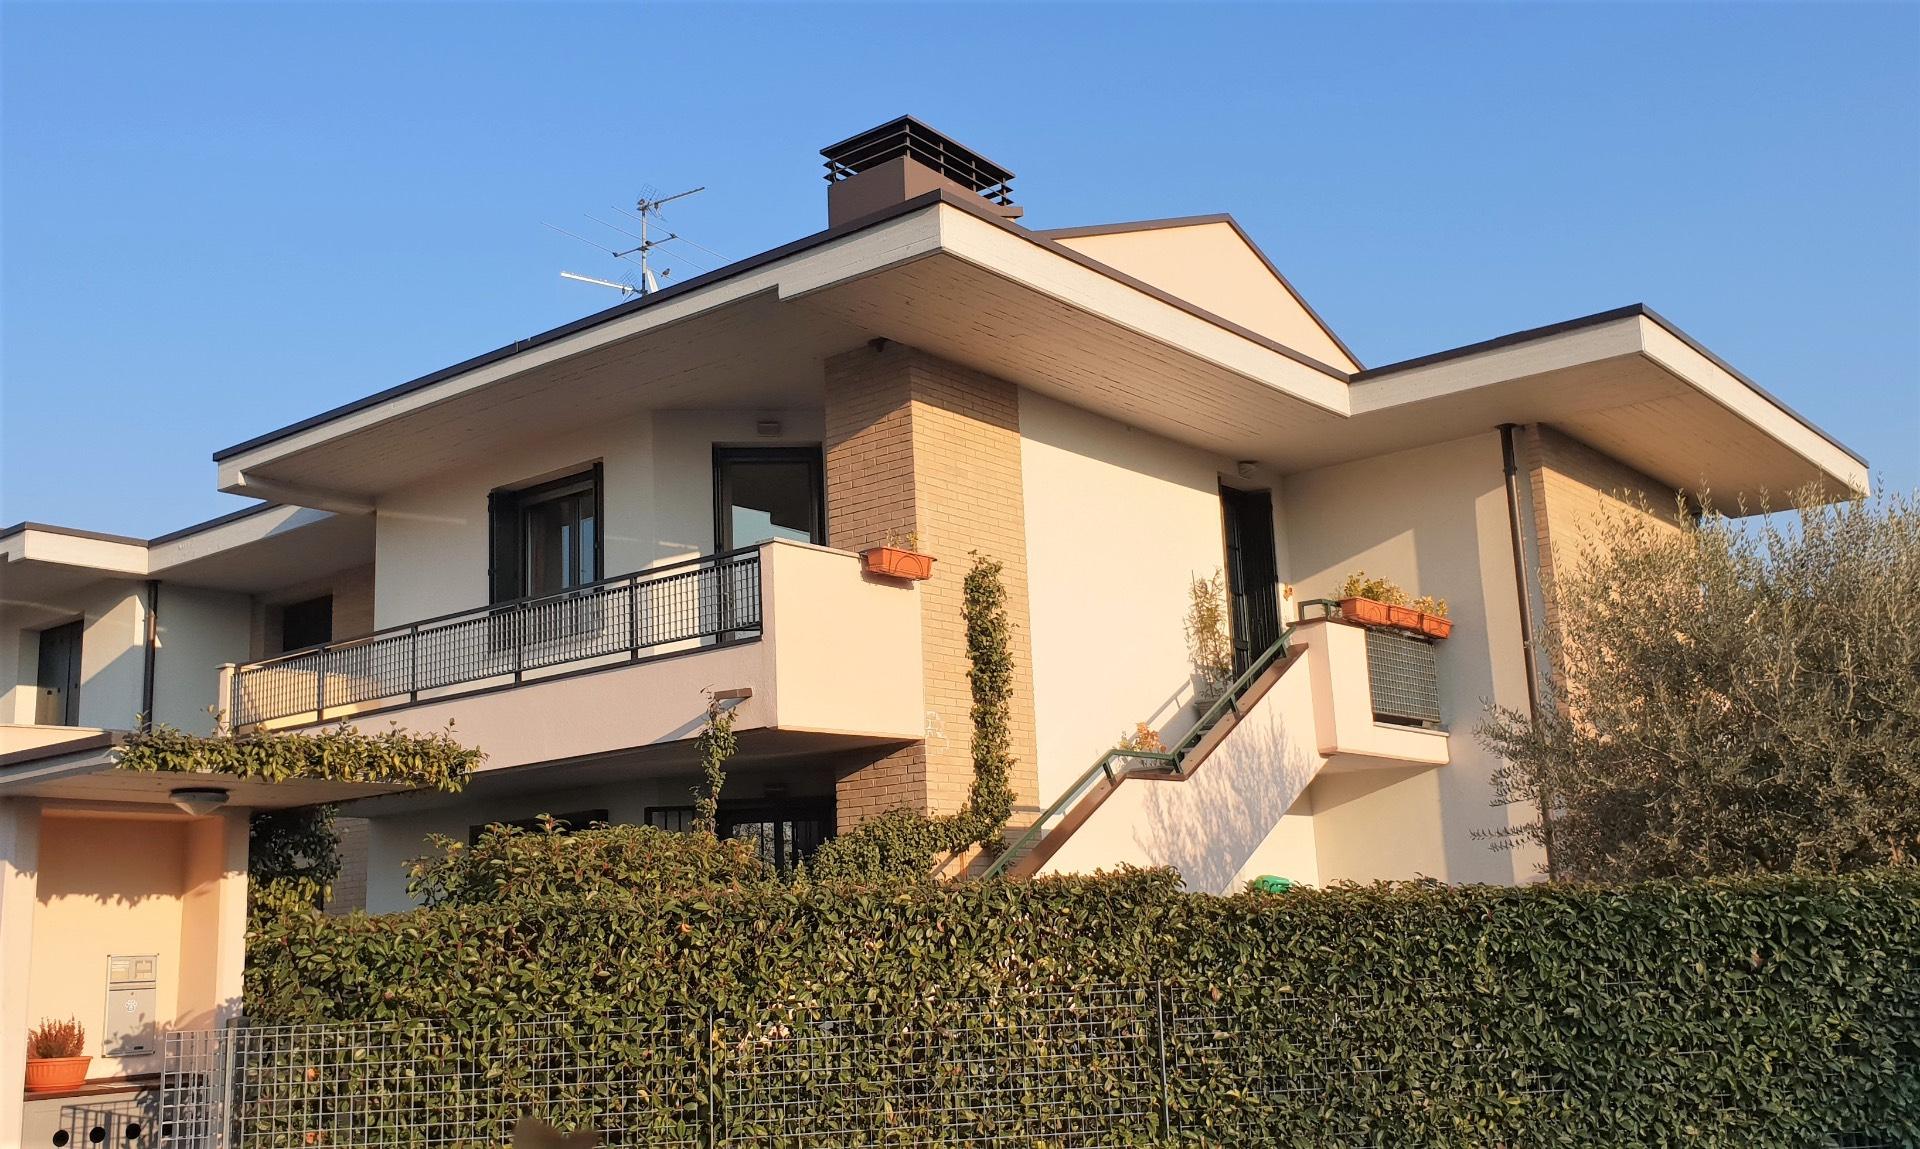 Appartamento in vendita a Zanica, 4 locali, Trattative riservate | CambioCasa.it